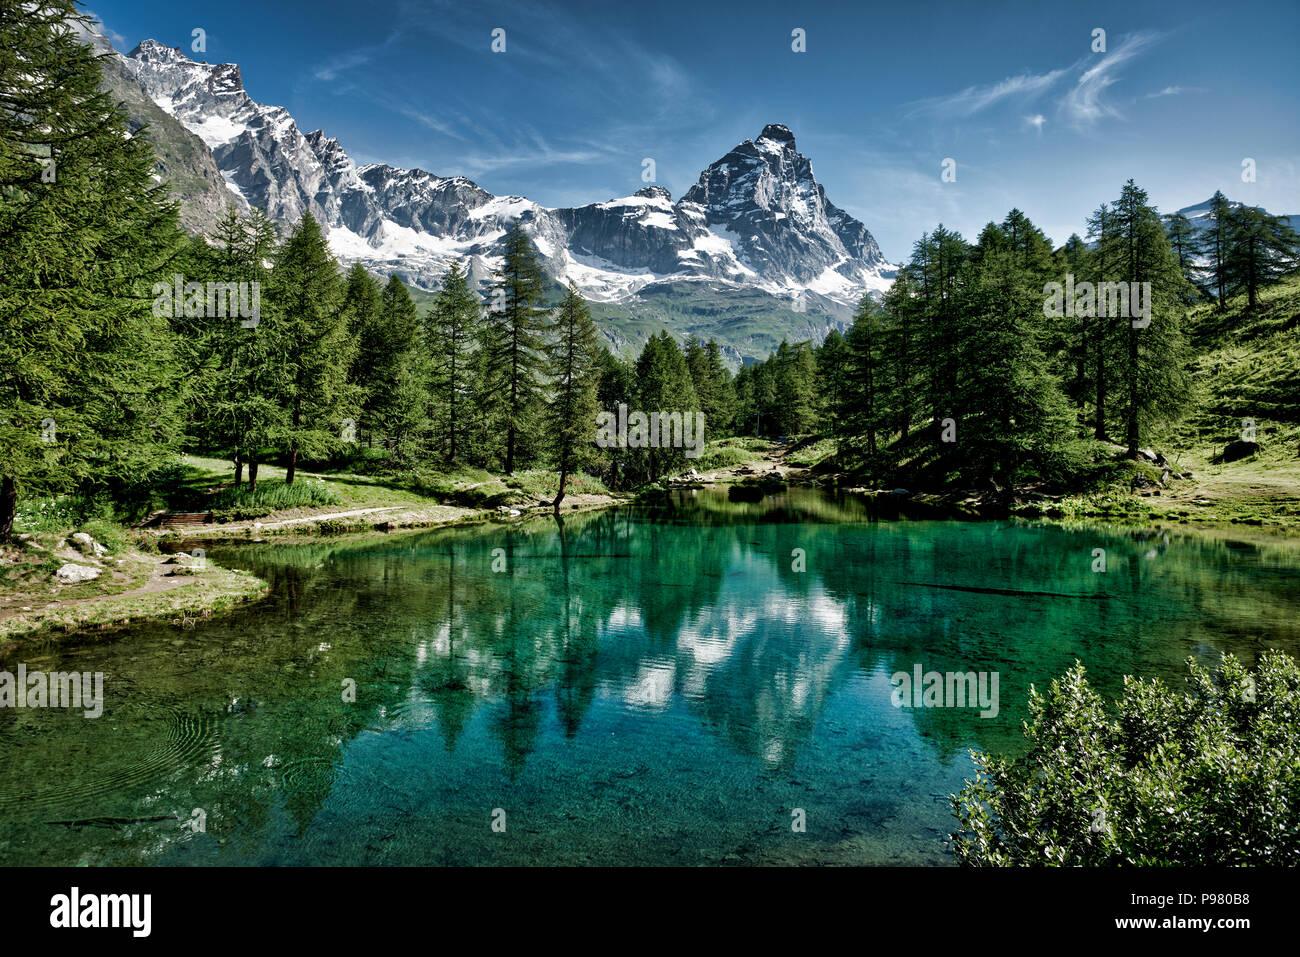 El lago azul y el Matterhorn en un pintoresco paisaje de verano con luces de Sol visto desde Breuil-Cervinia, Valle de Aosta - Italia Imagen De Stock